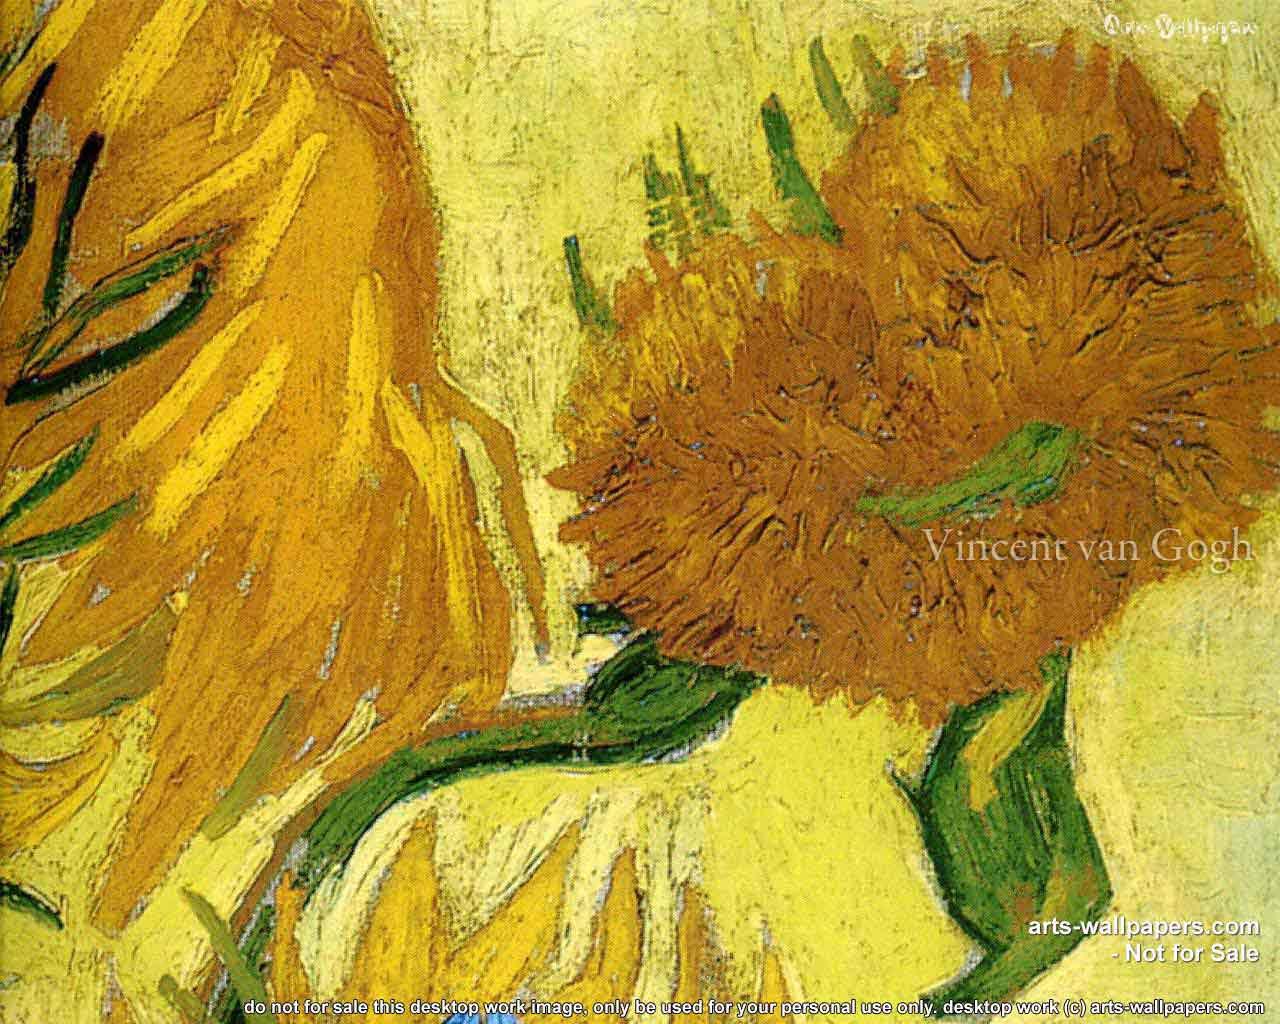 Download Vincent Van Gogh Wallpapers Cacheddownload Desktop